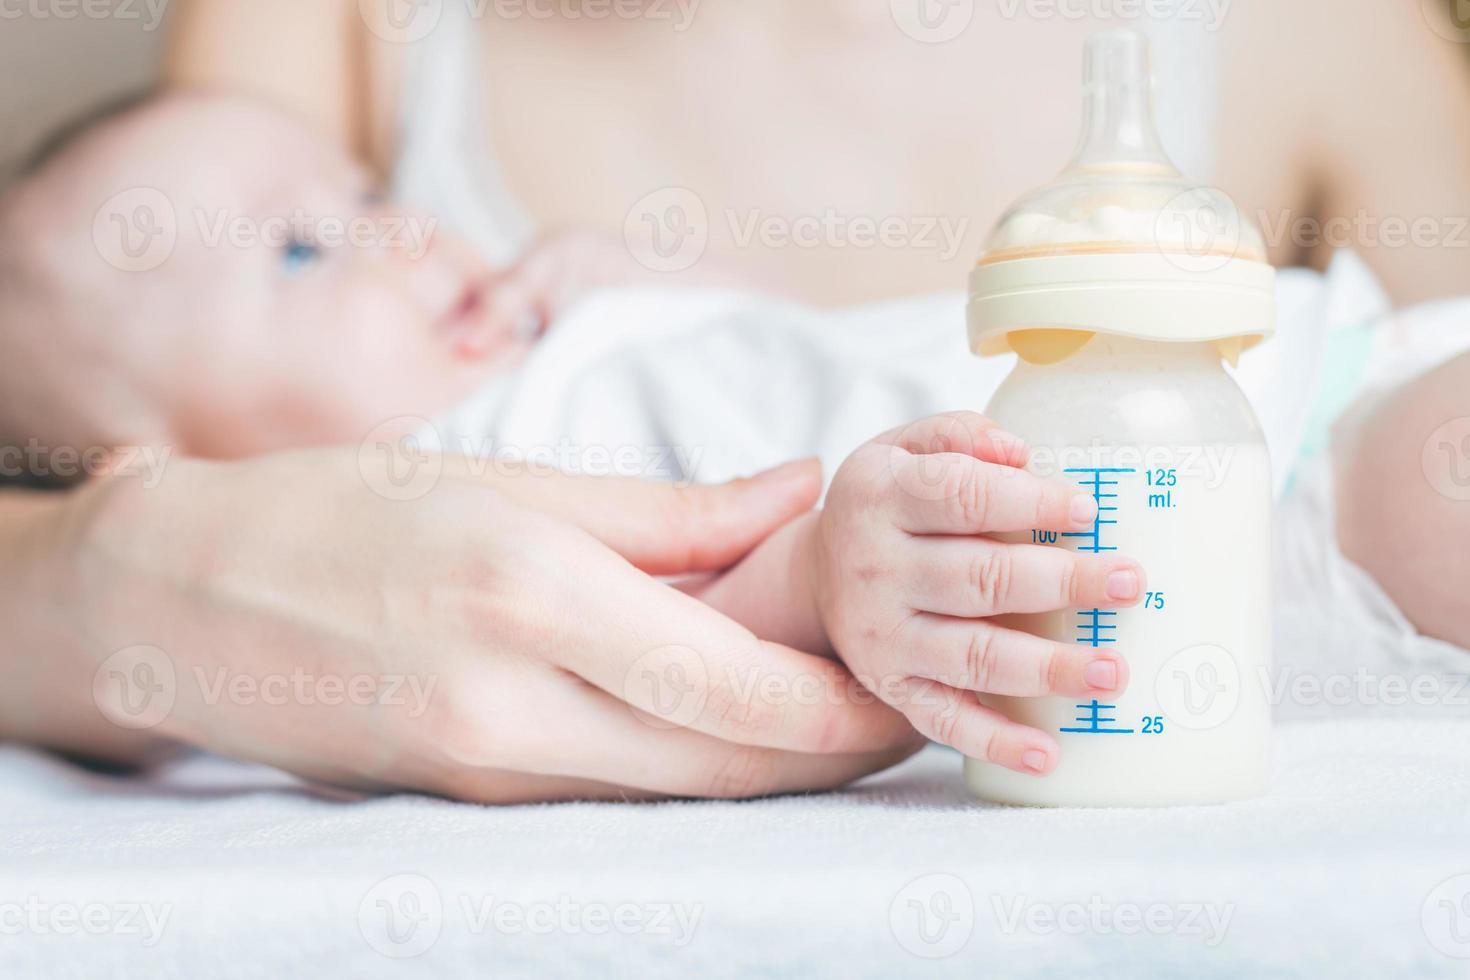 bambino in possesso di un biberon con latte materno foto